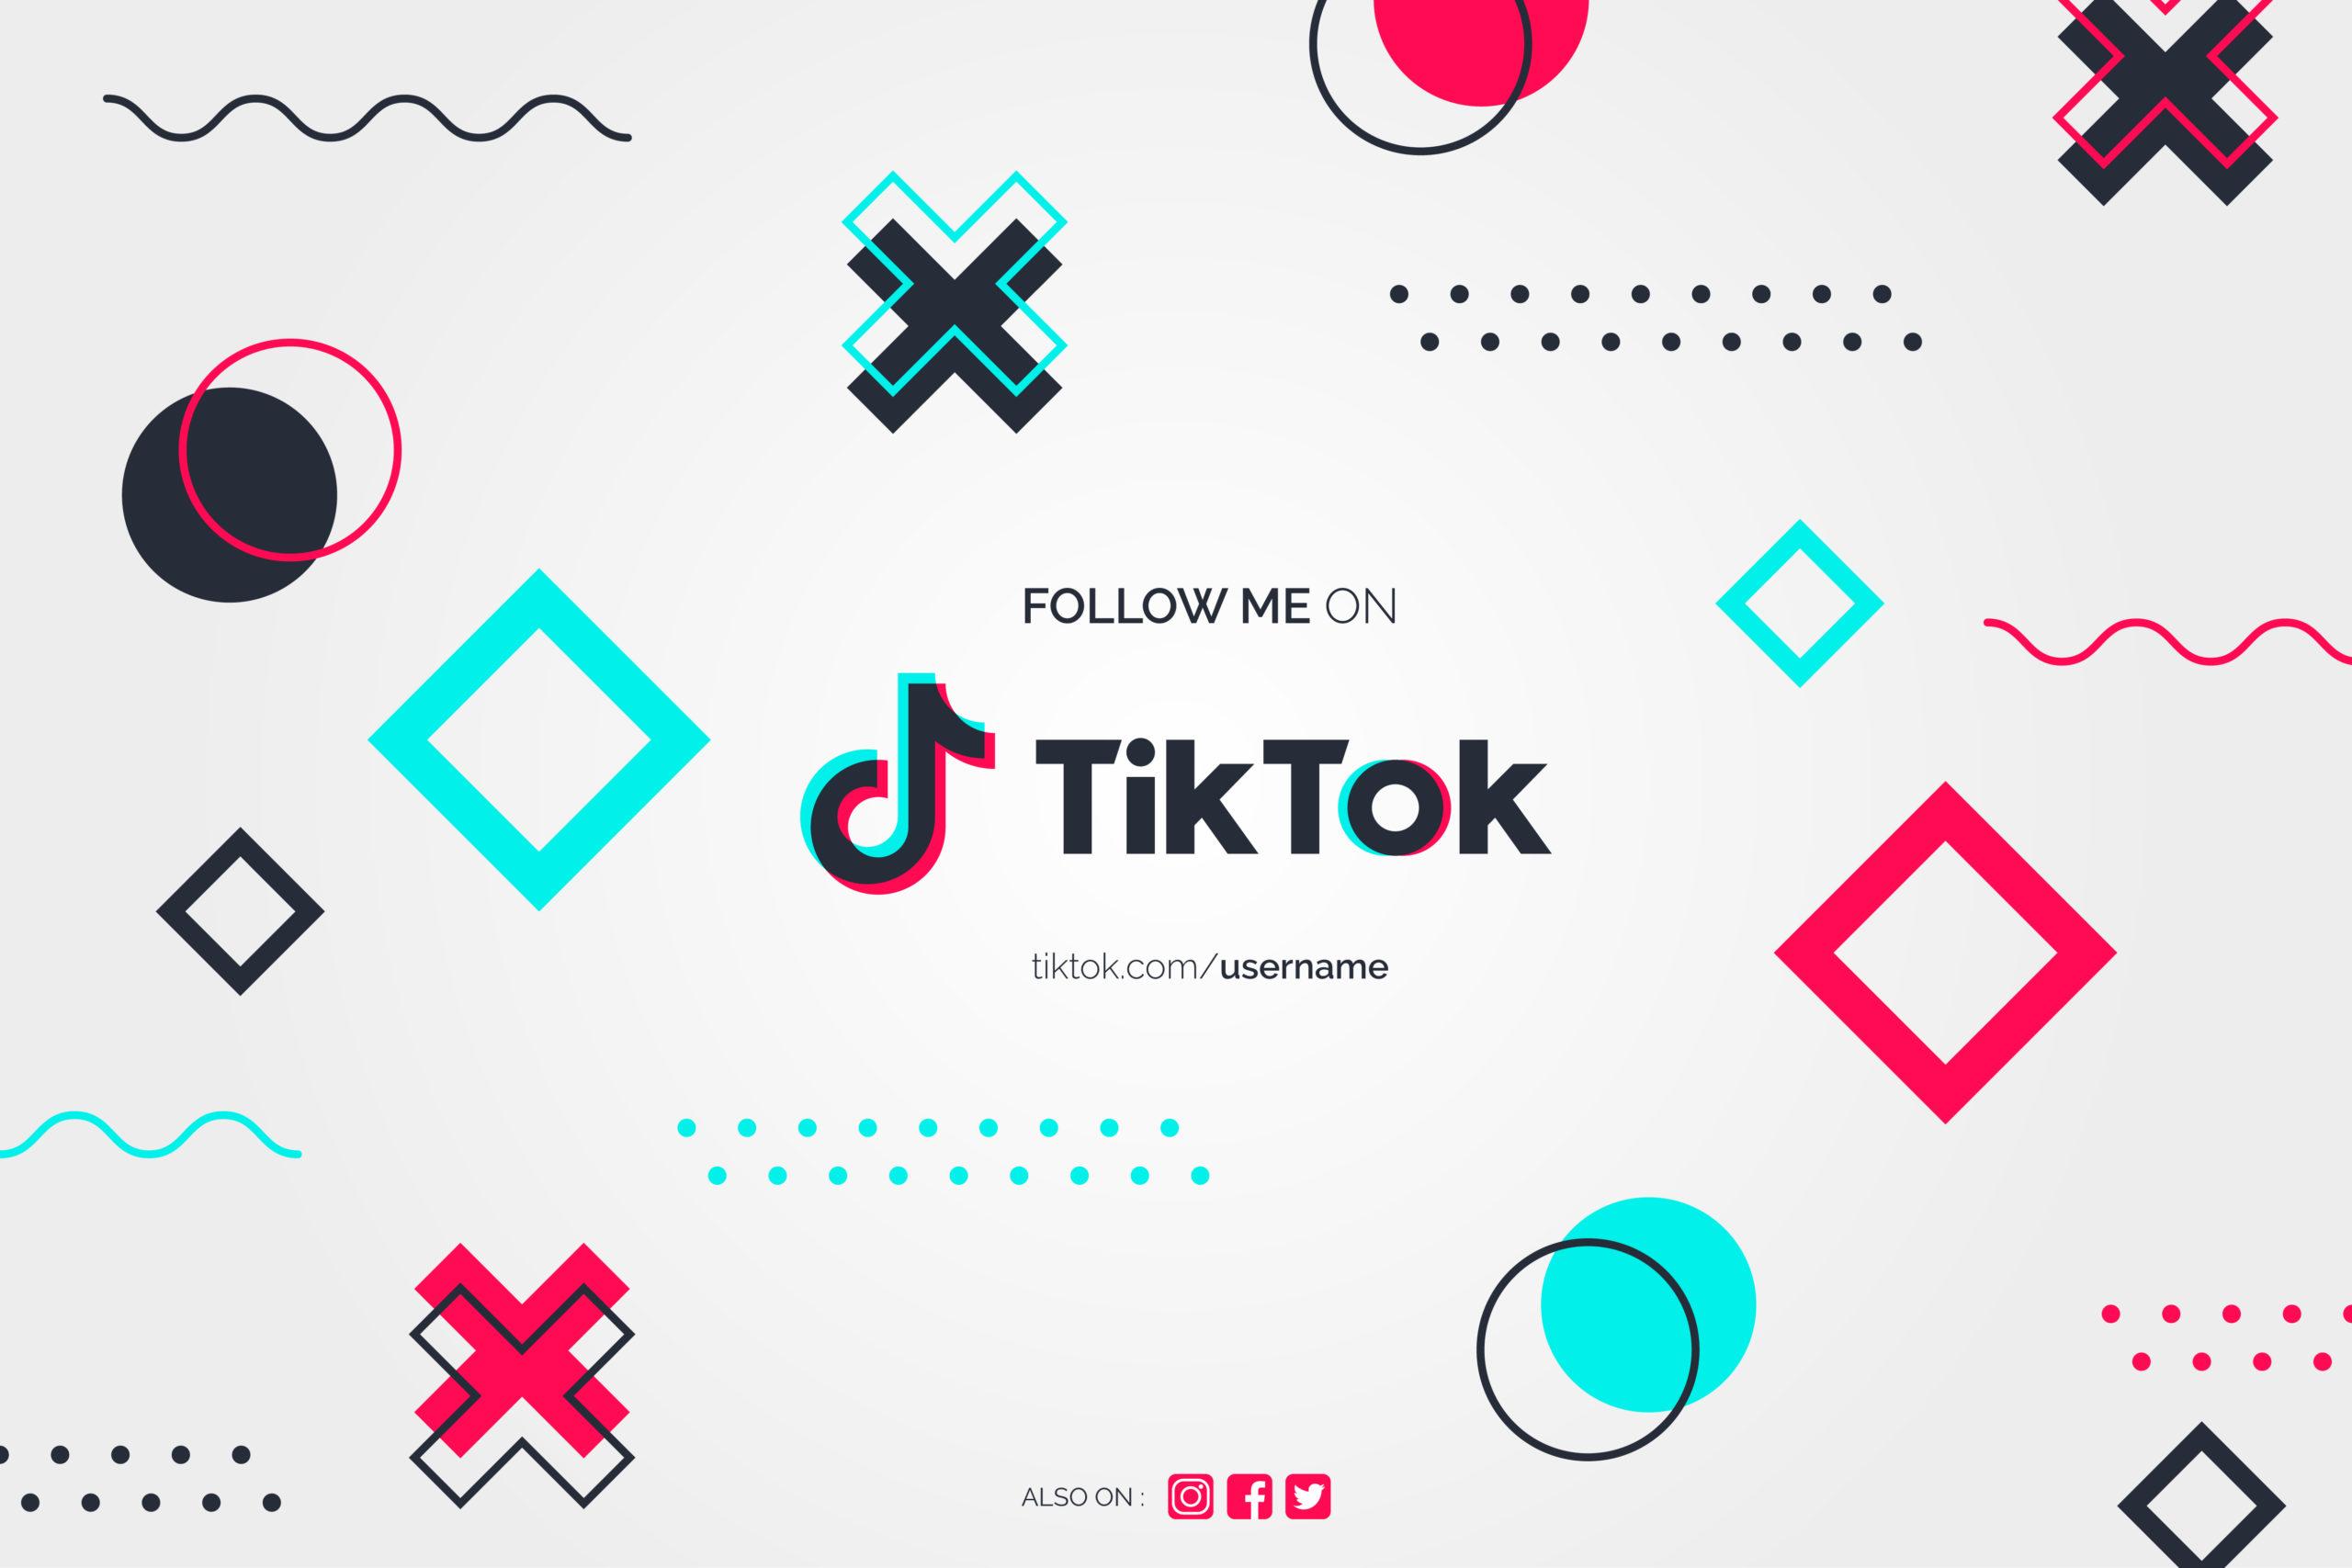 Tik tok đã trở thành một trong những kênh bán hàng online hiệu quả nhất hiện tại